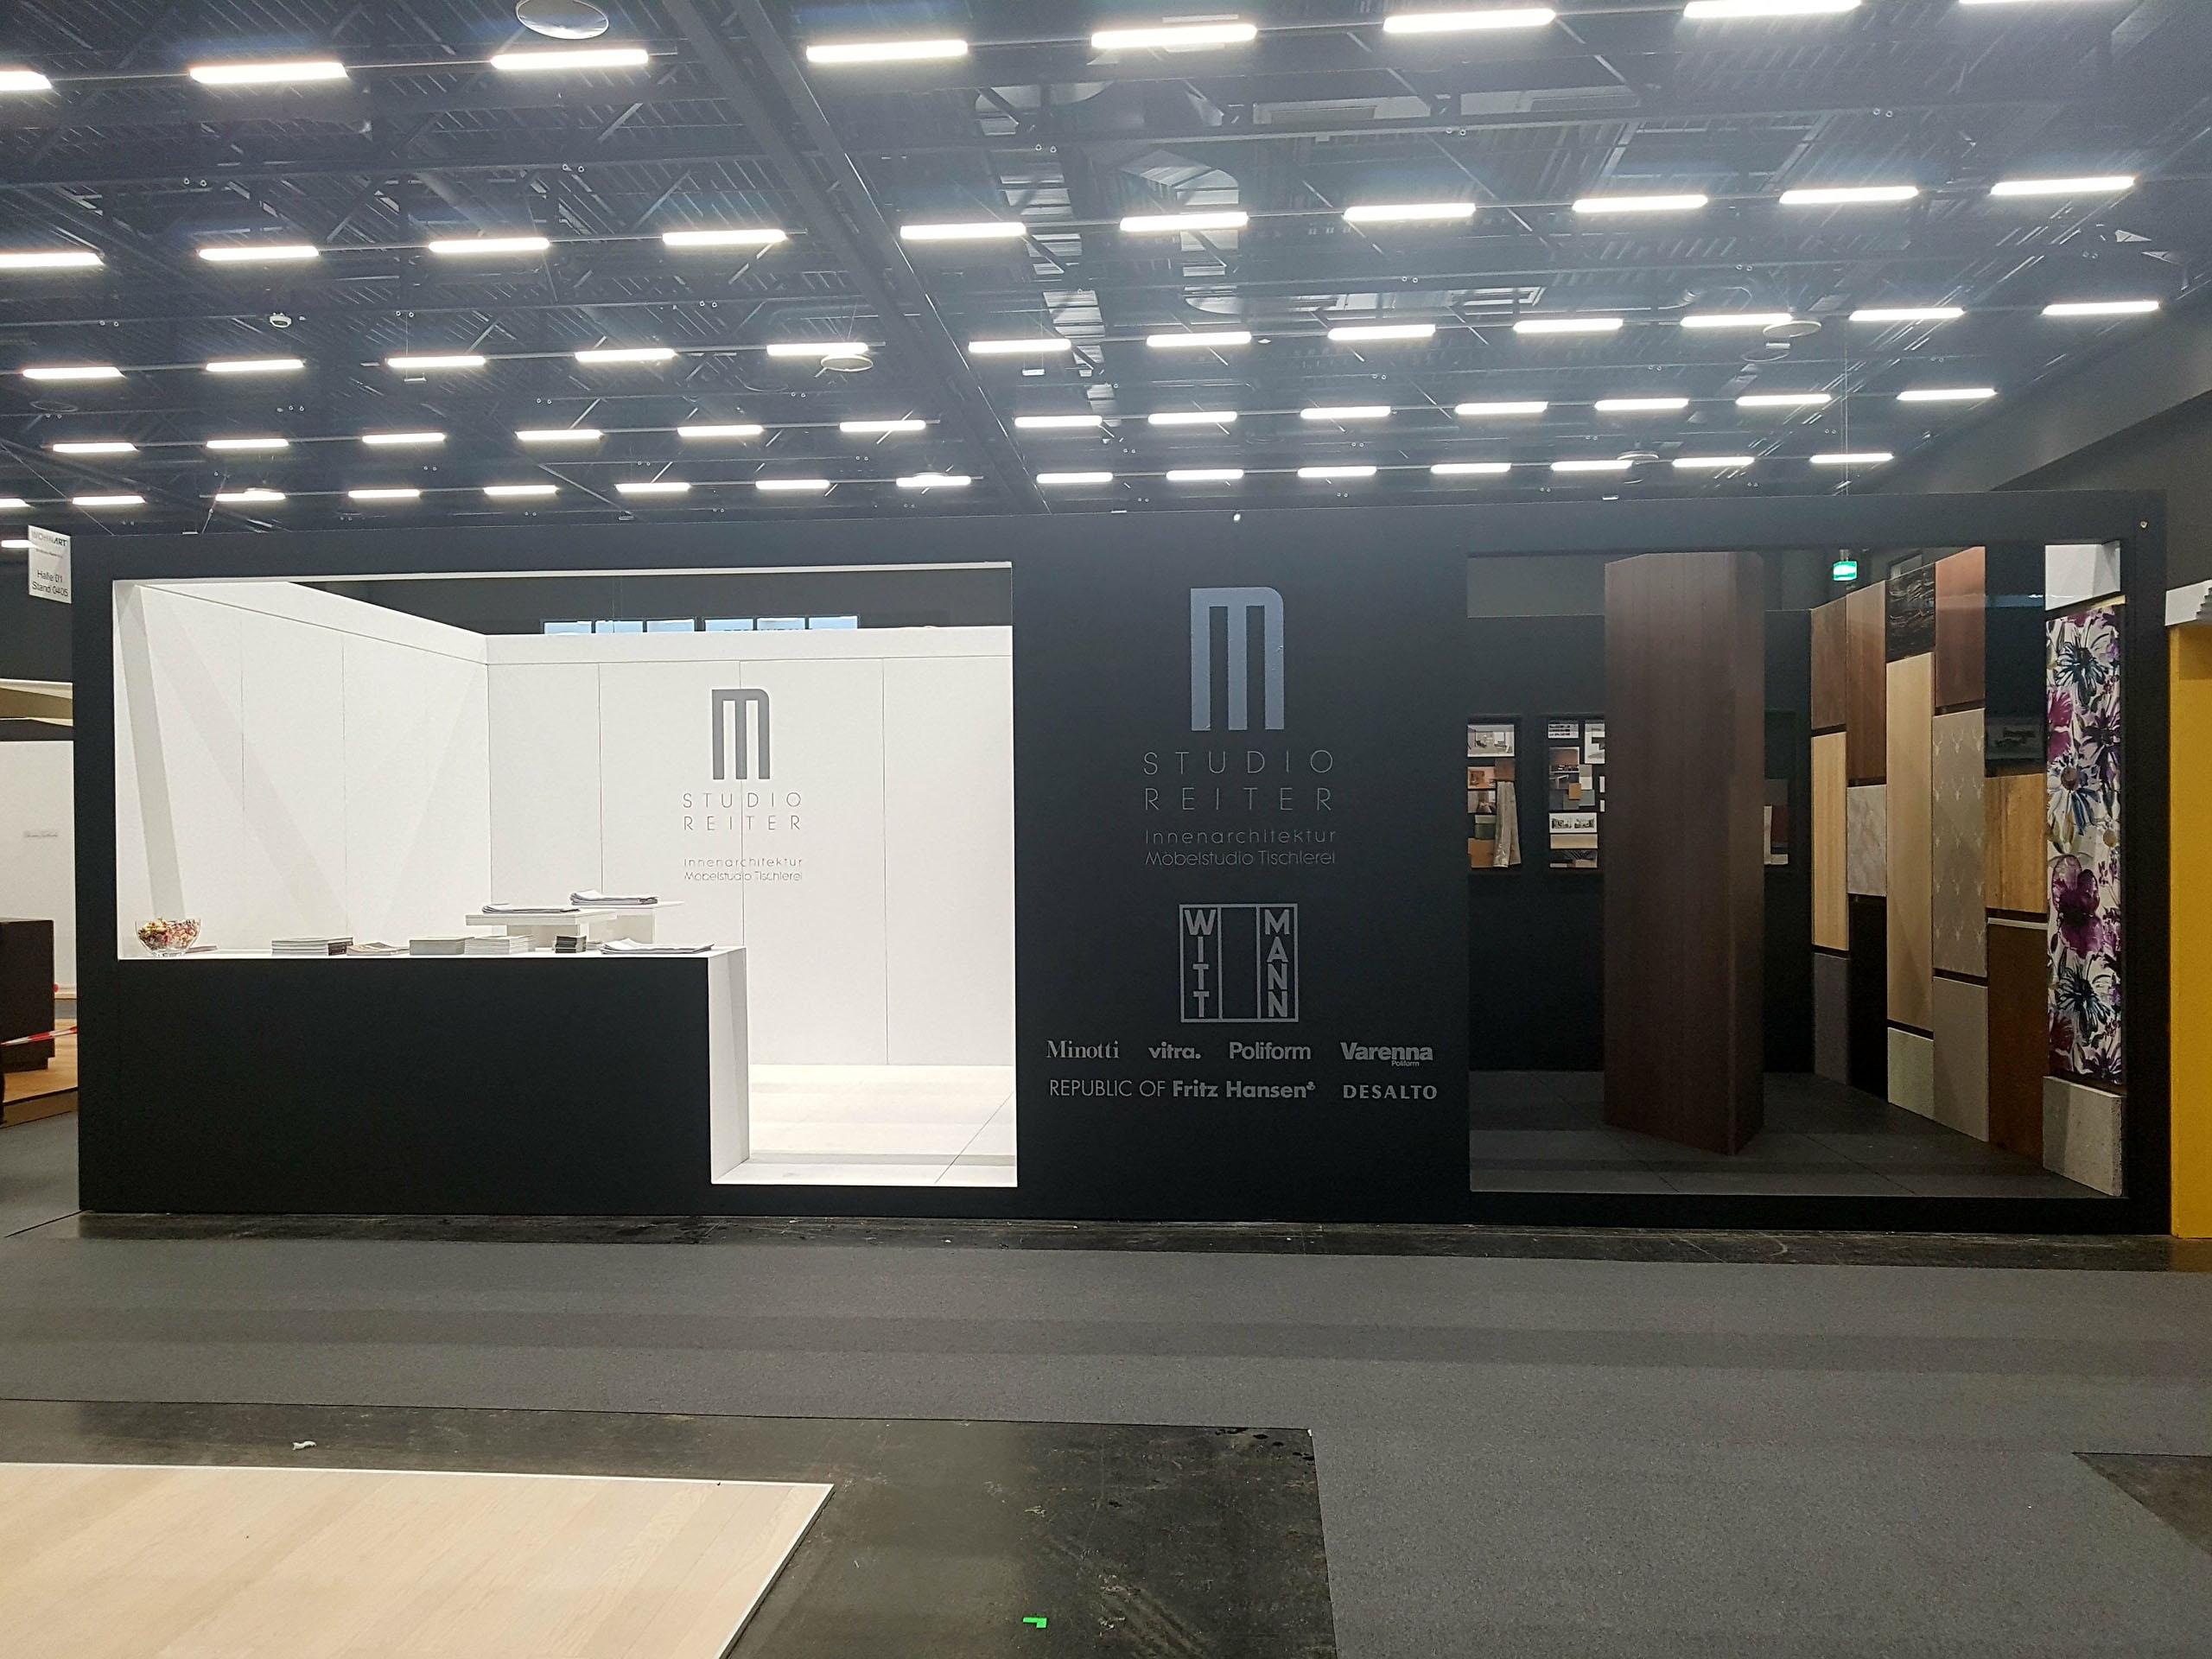 Innenarchitektur M-Studio Reiter — Individuelle Raumkonzepte